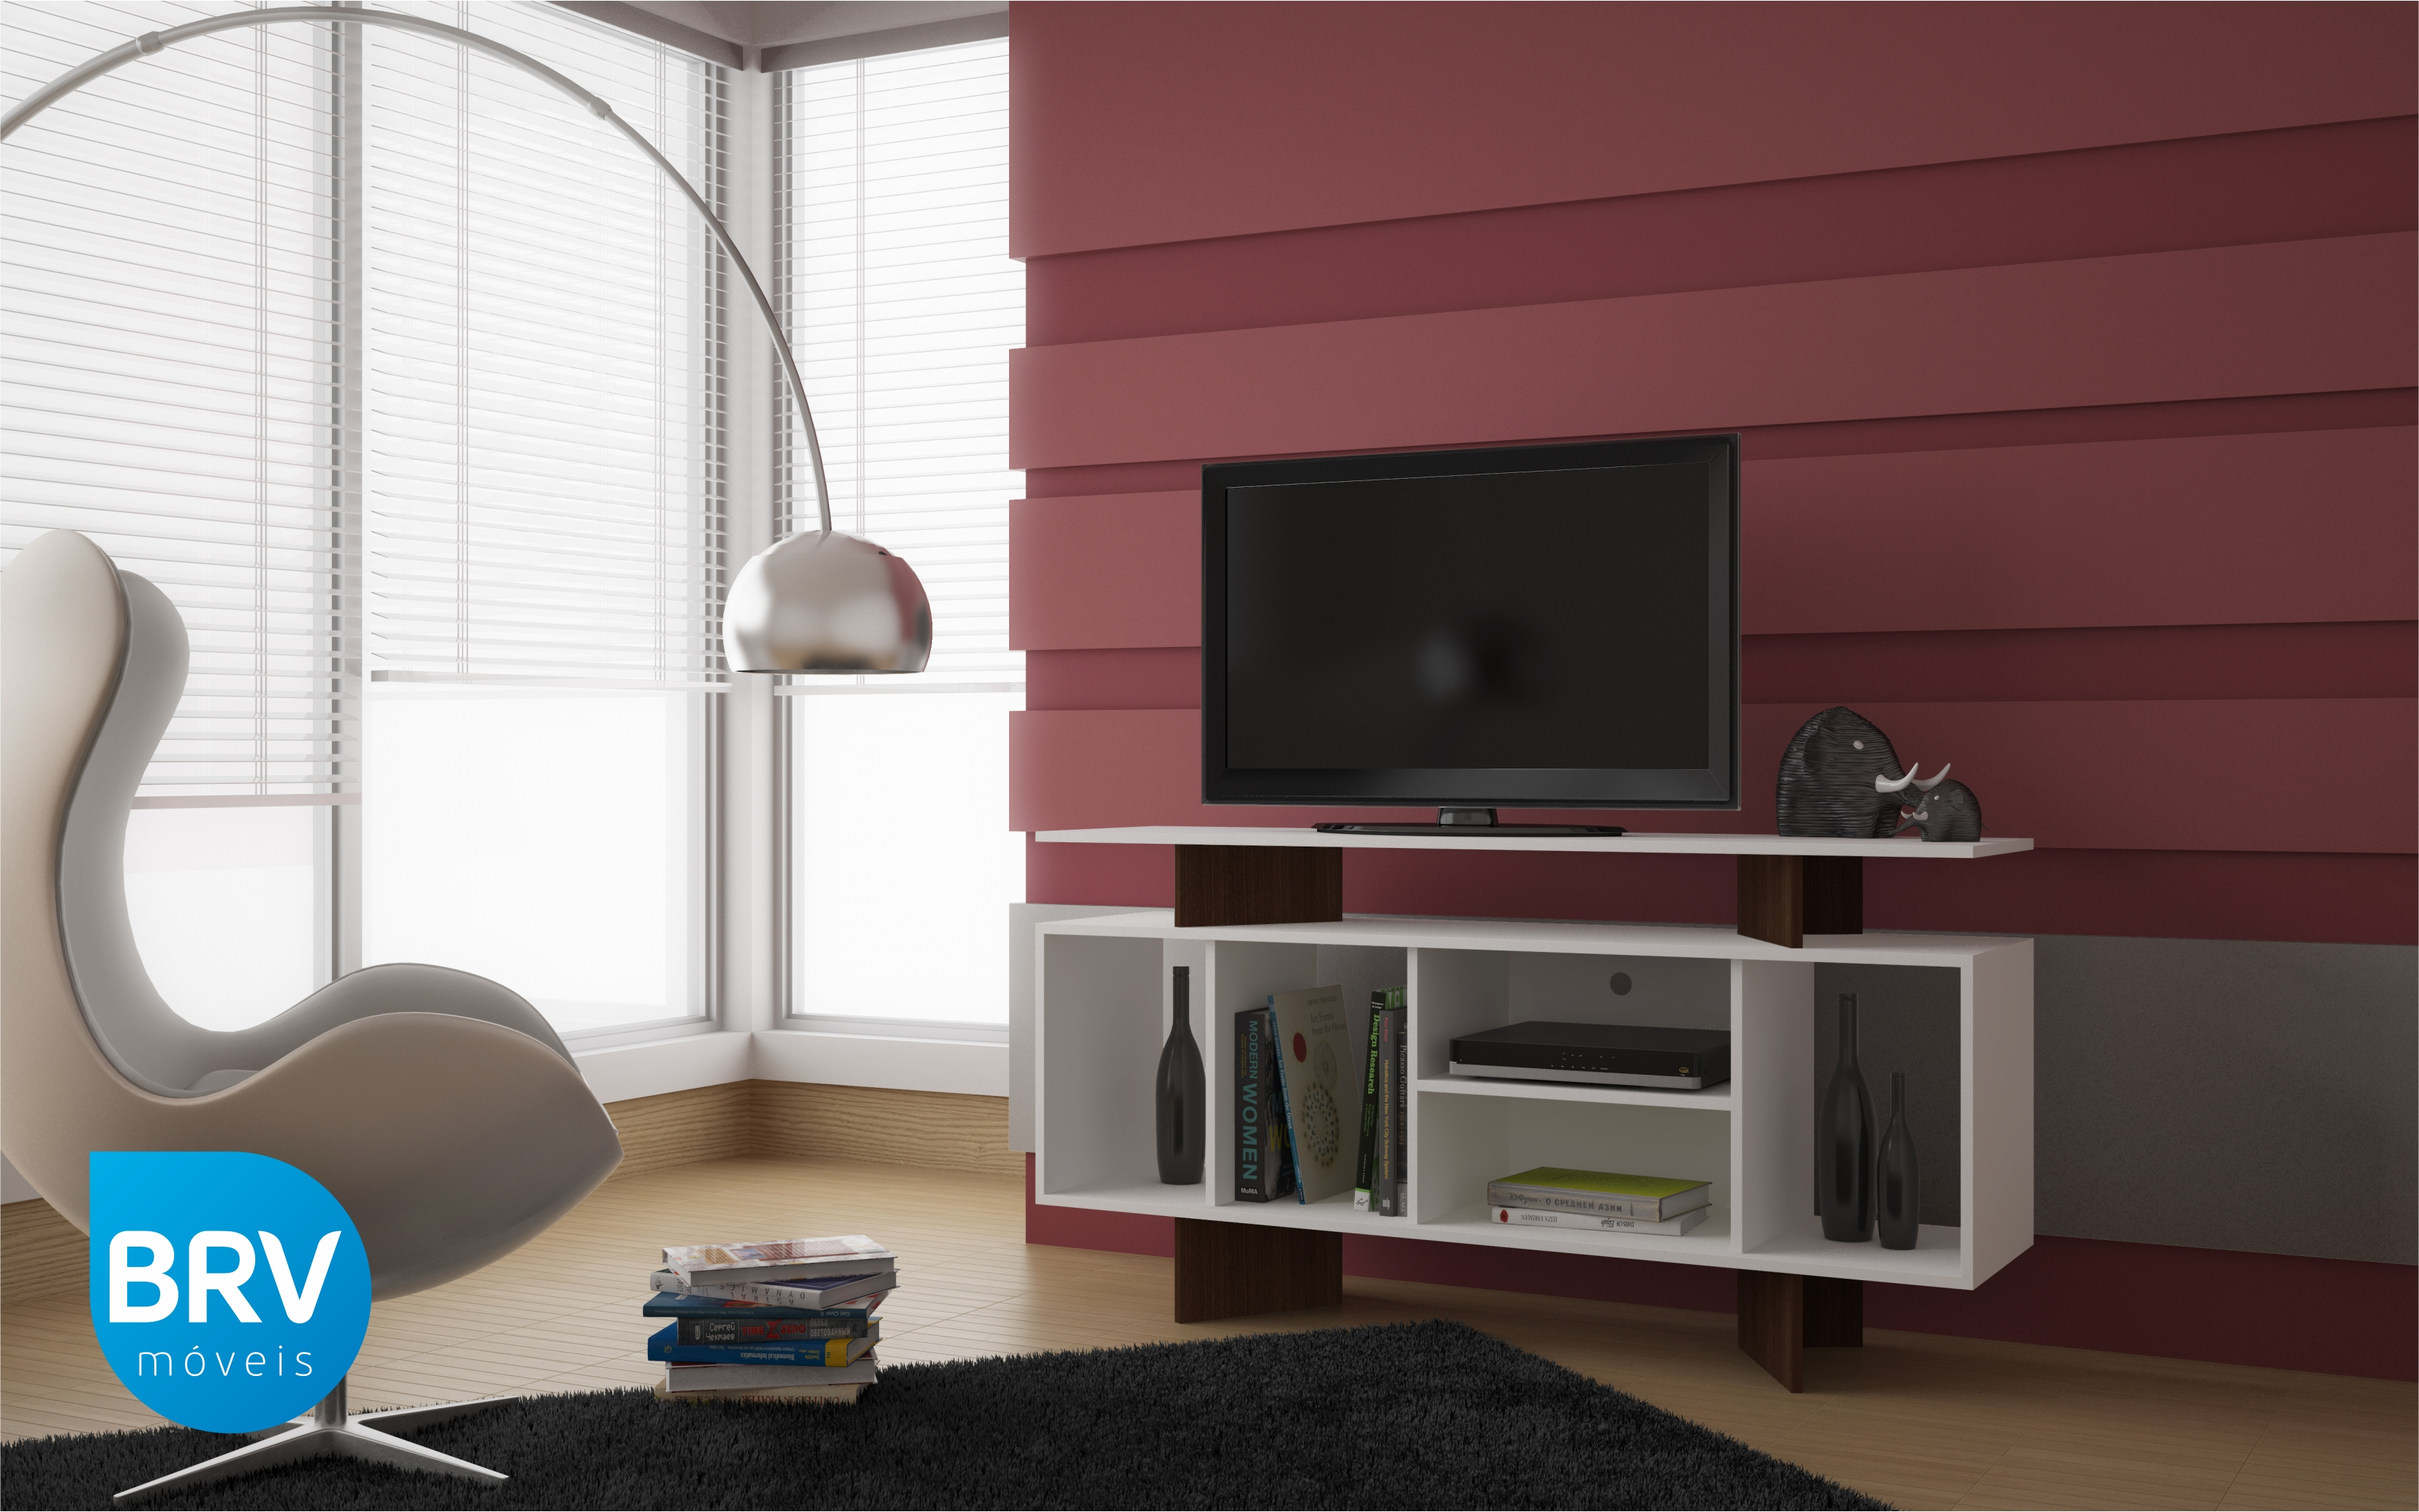 Mueble para tv pantalla equipo de sonido br 23 labnash - Muebles para equipo de sonido ...